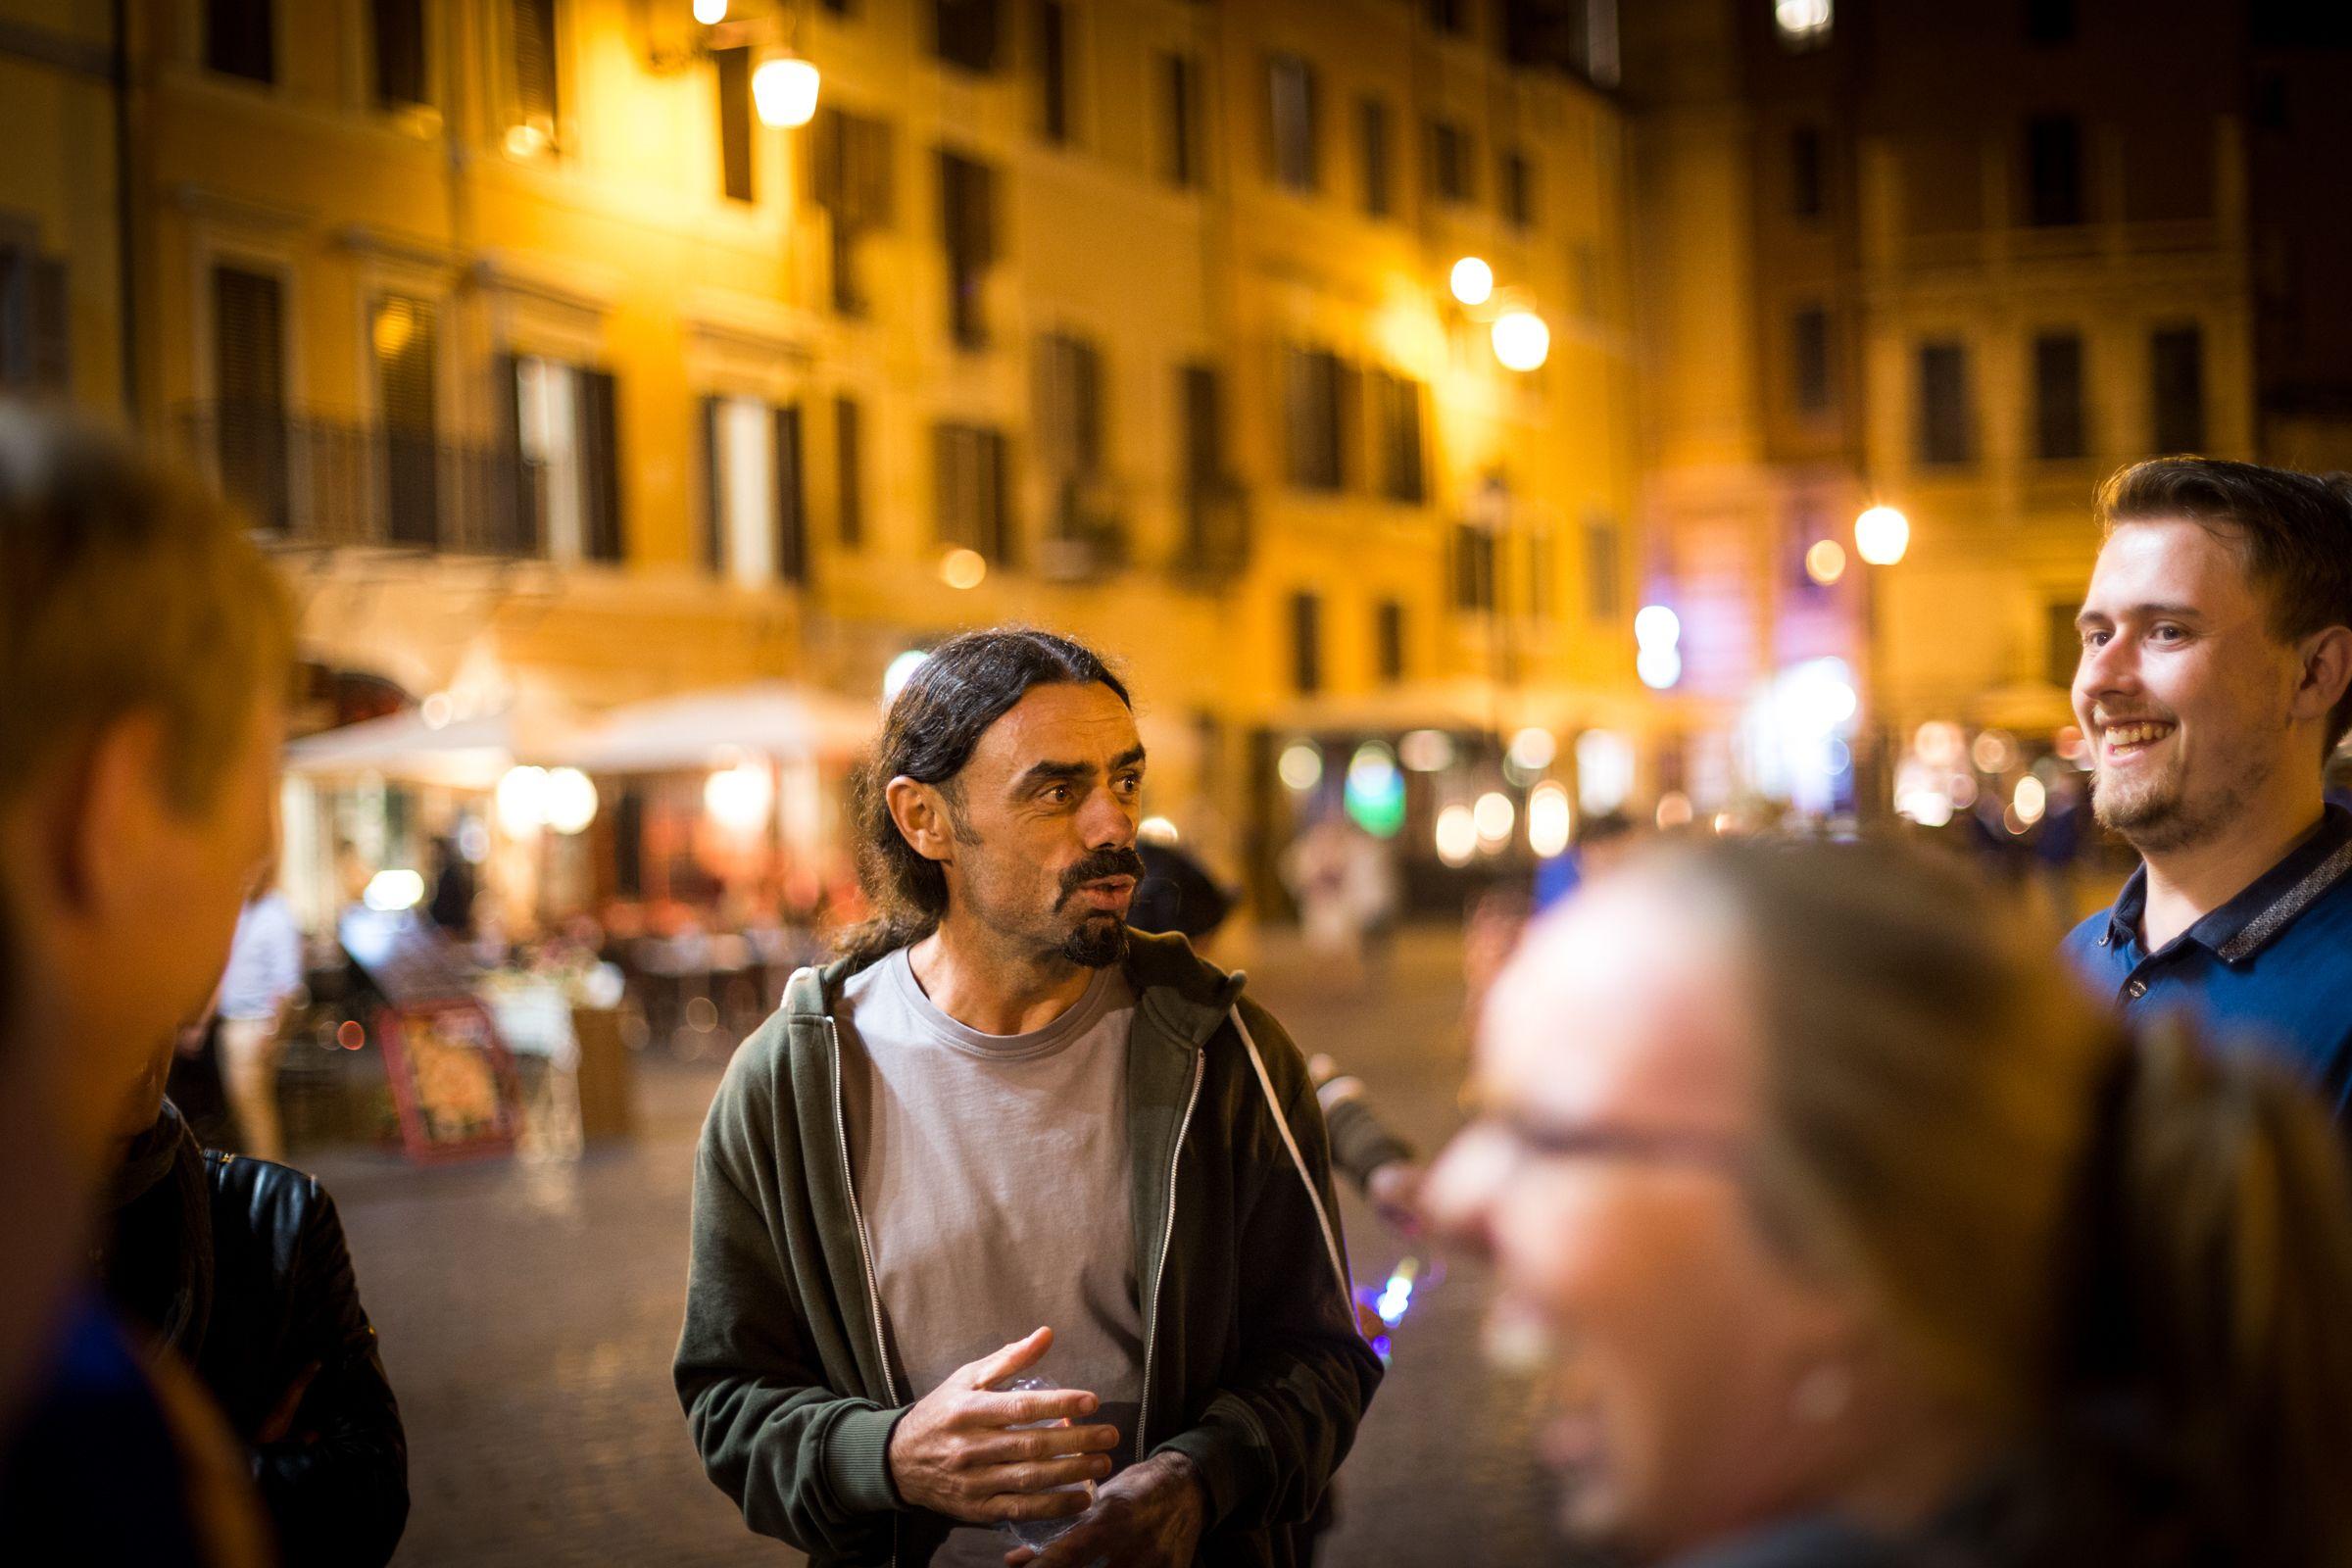 Roms hemmeligheder og mysterier om aftenen